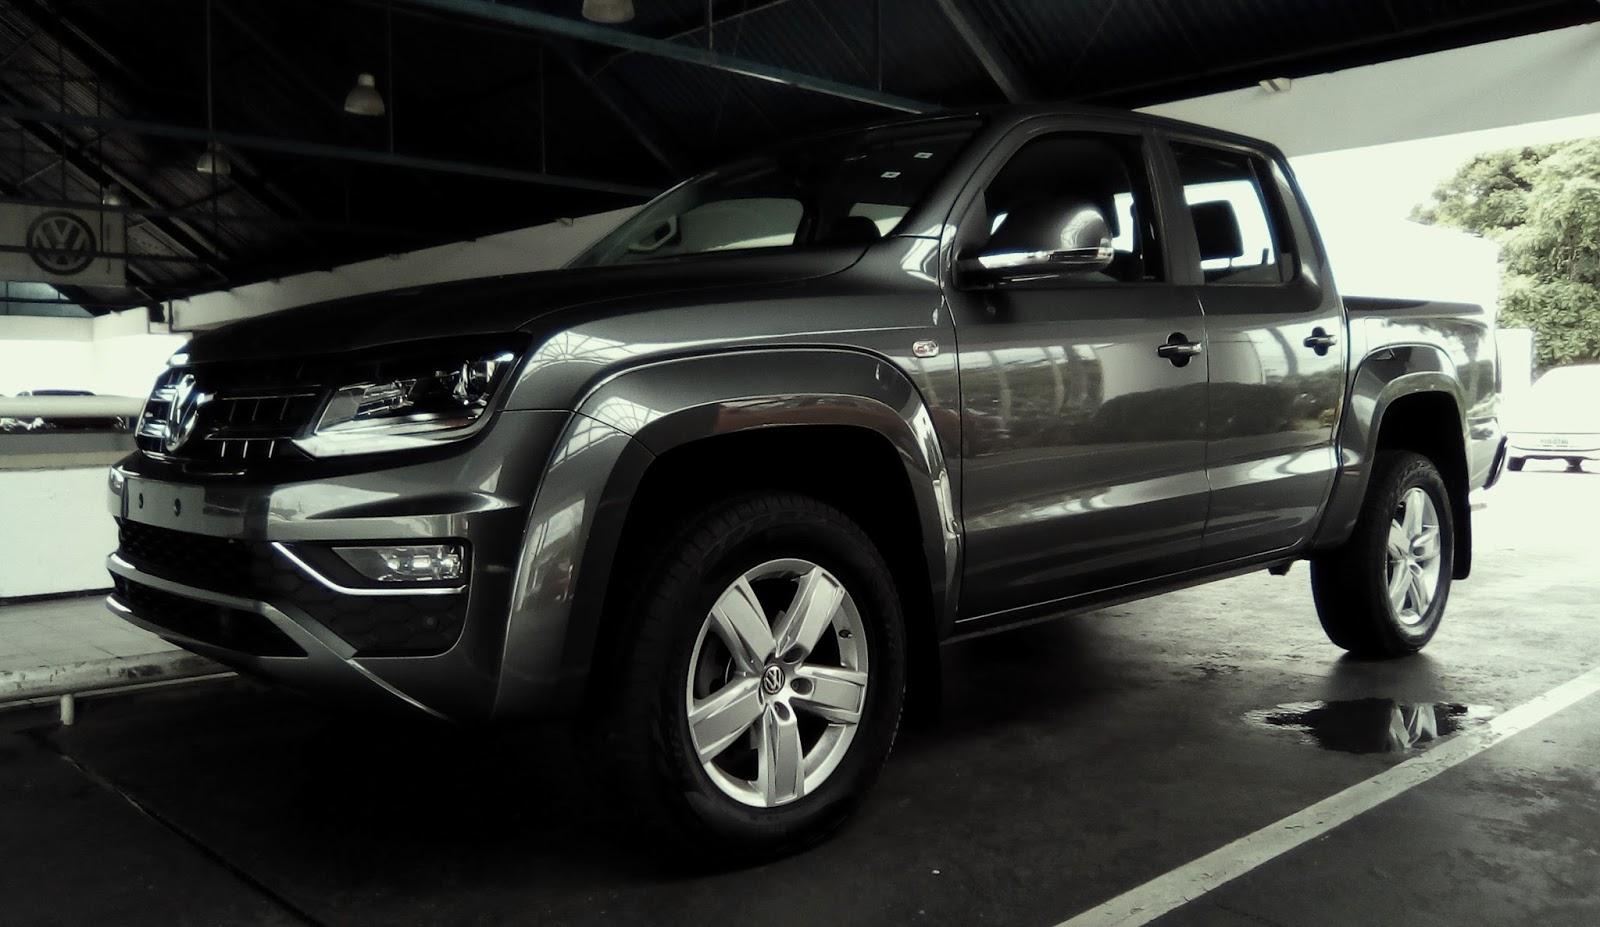 Volkswagen Amarok entrega muita força, conectividade e prazer ao dirigir